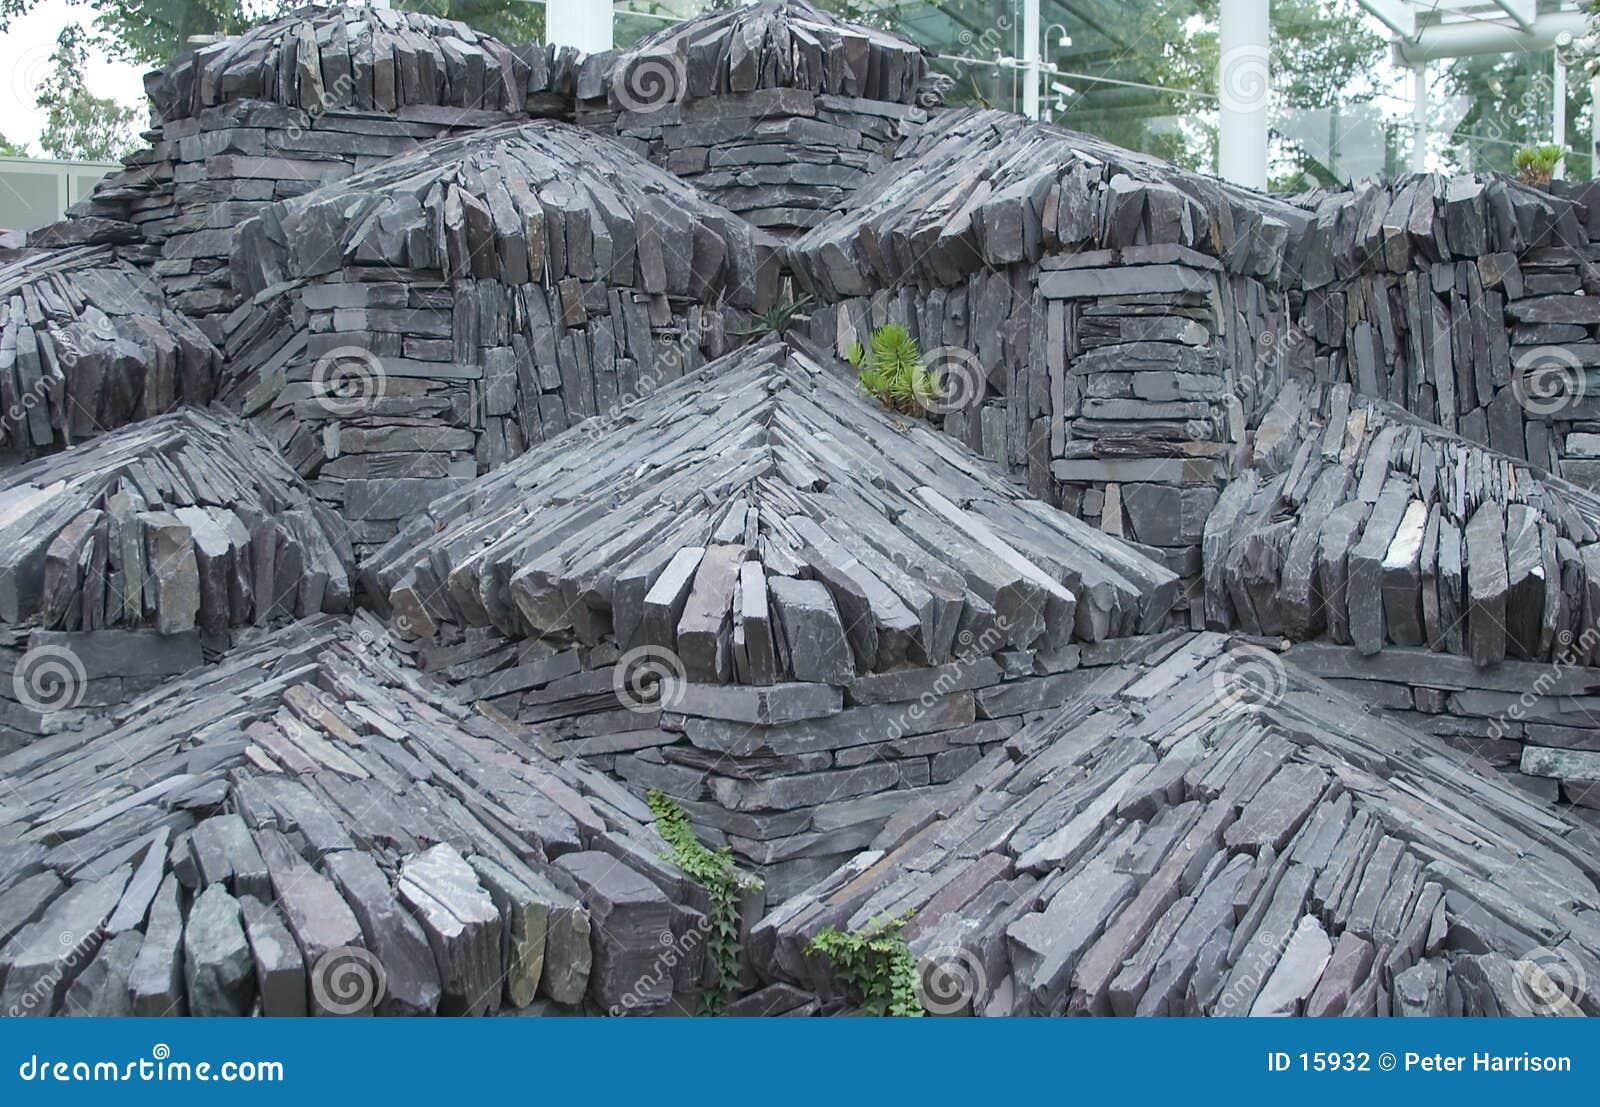 Formazione rocciosa